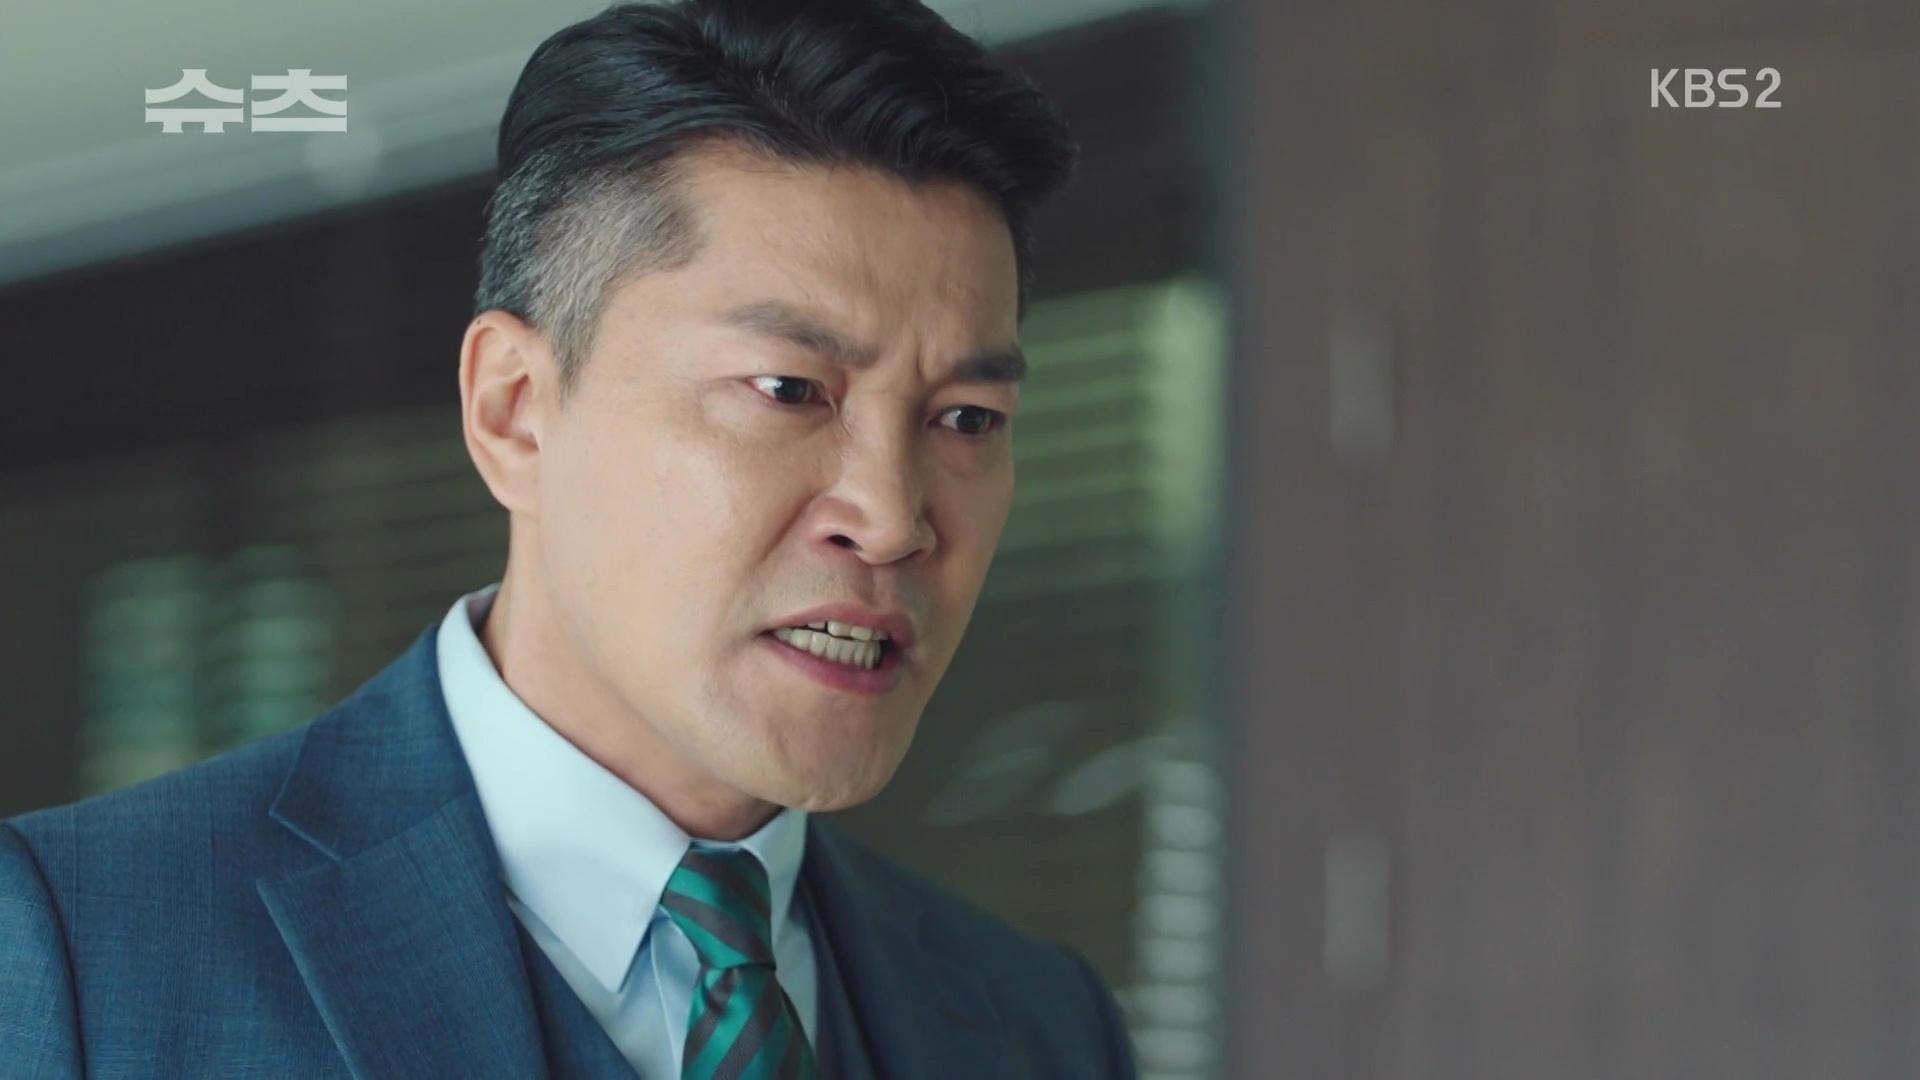 15++ Suits Coreia